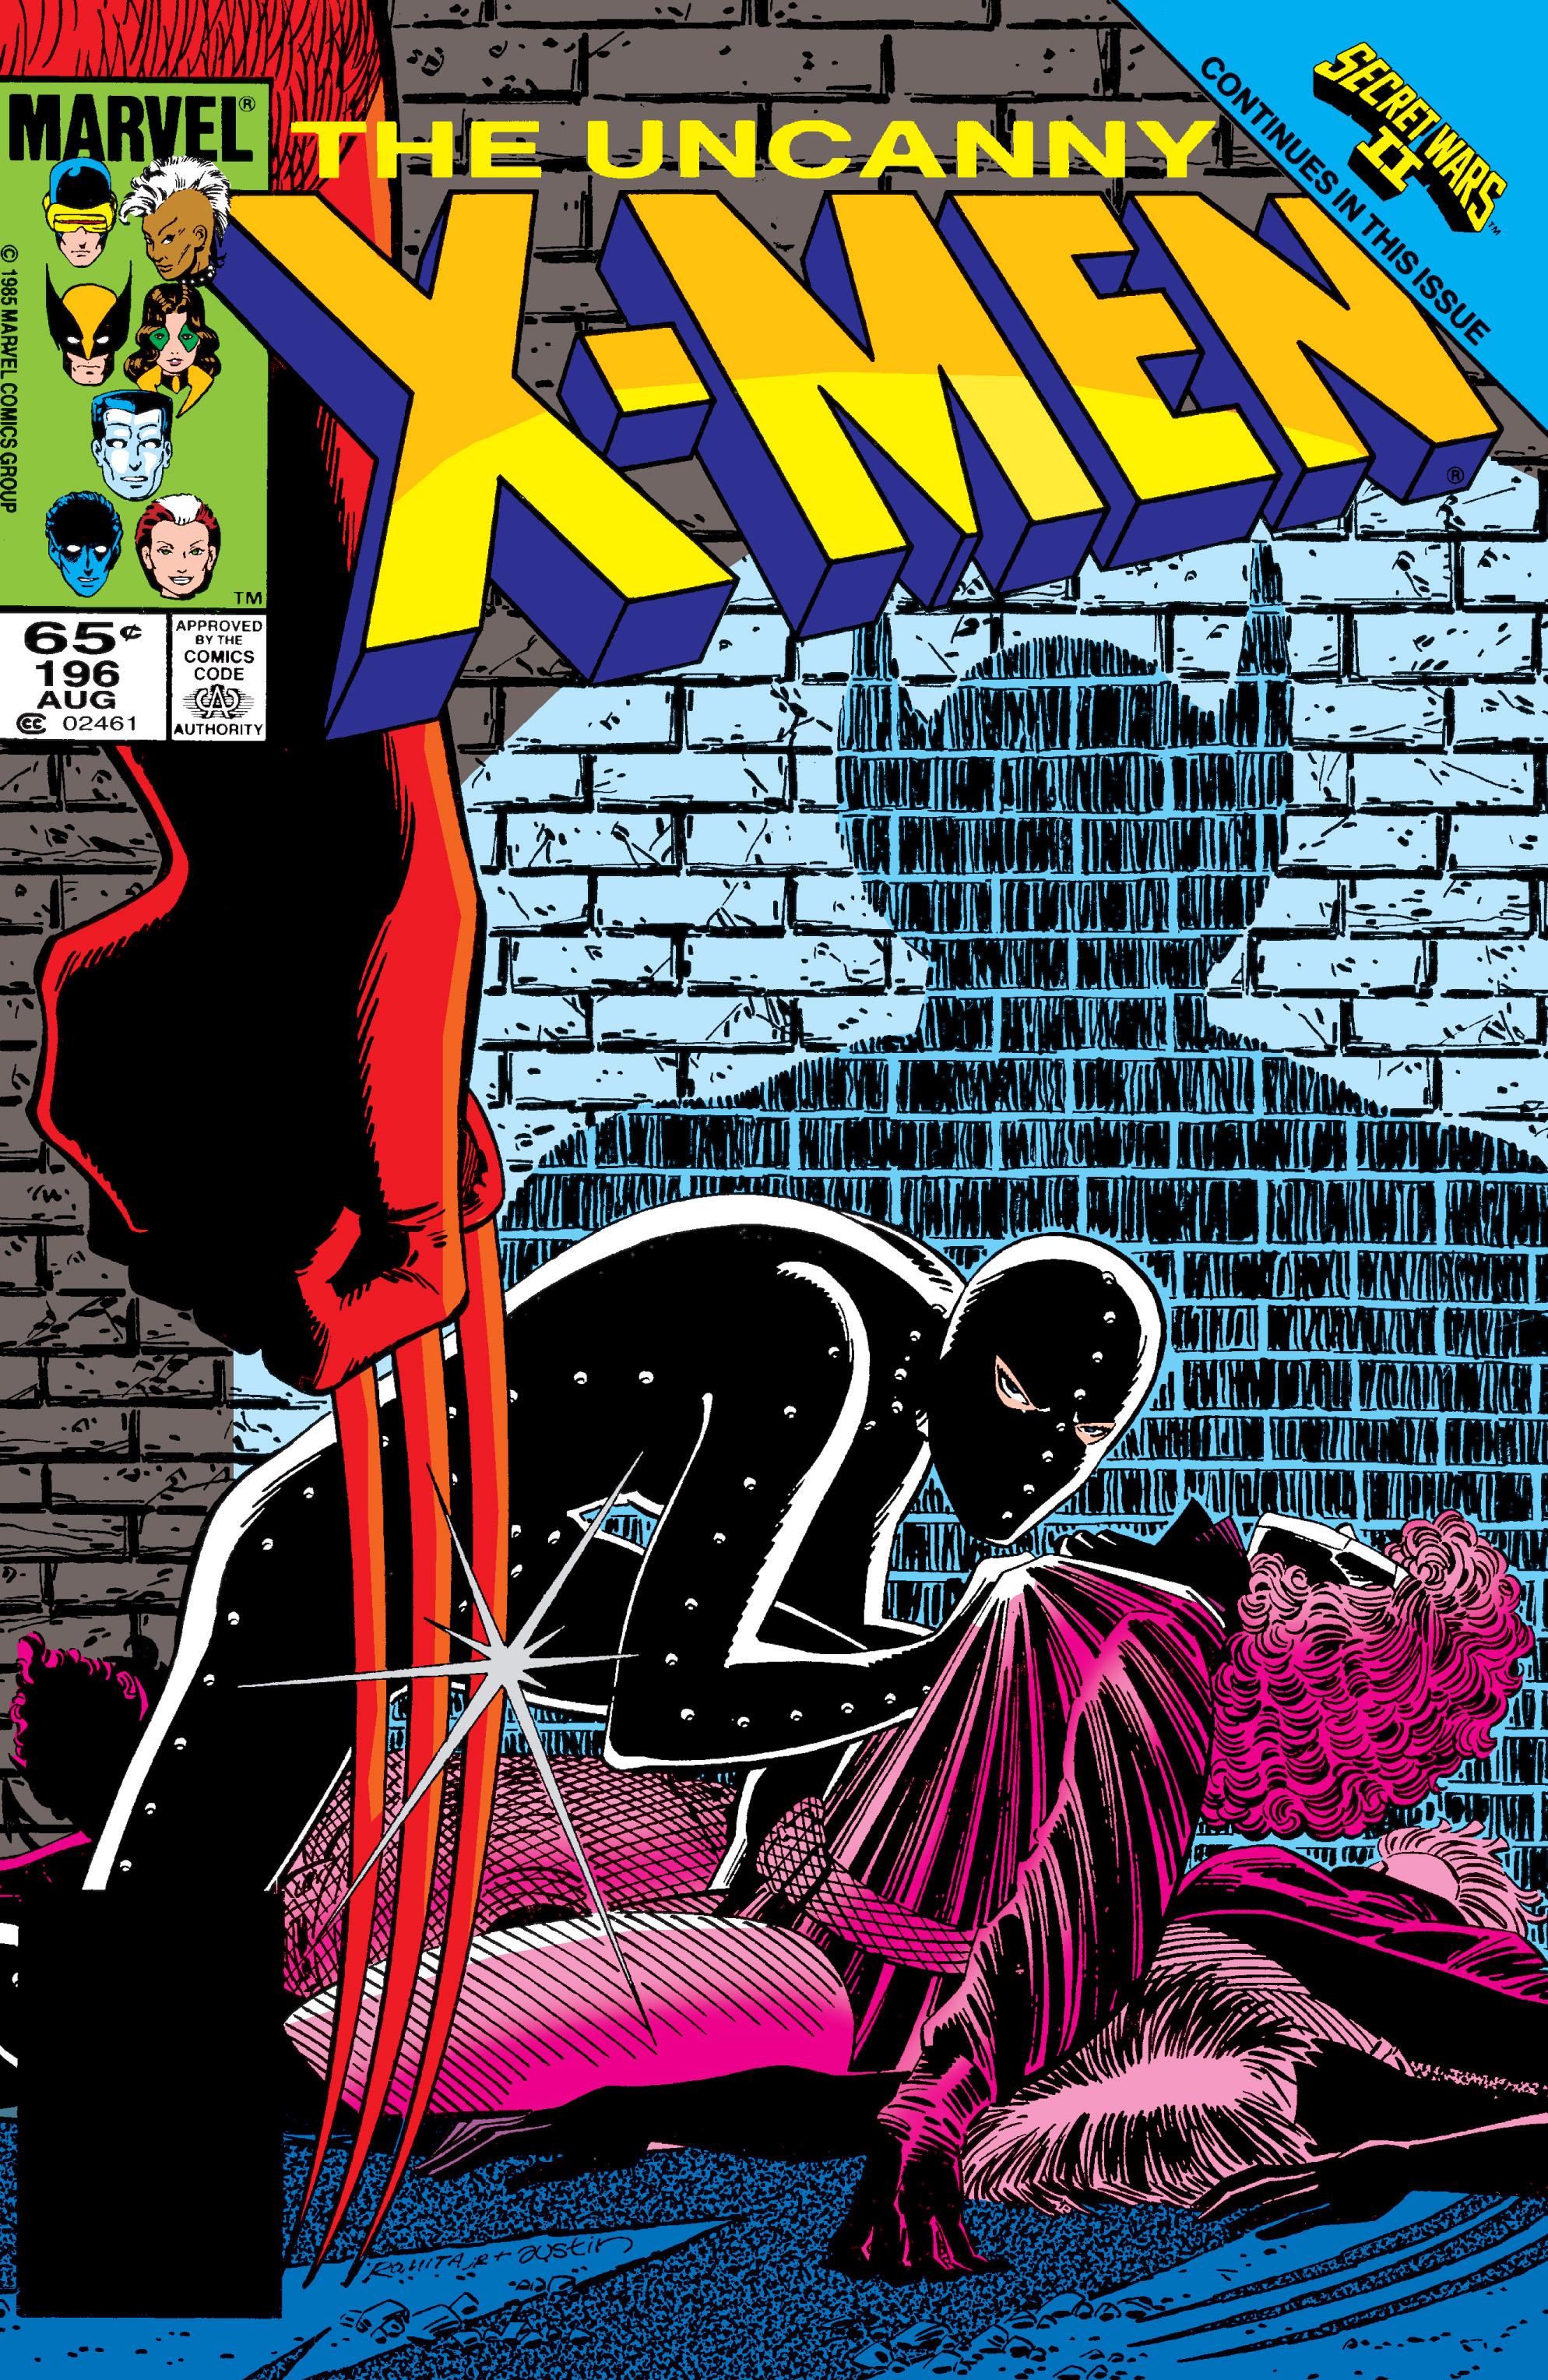 Uncanny X-Men (1963) 196 Page 1